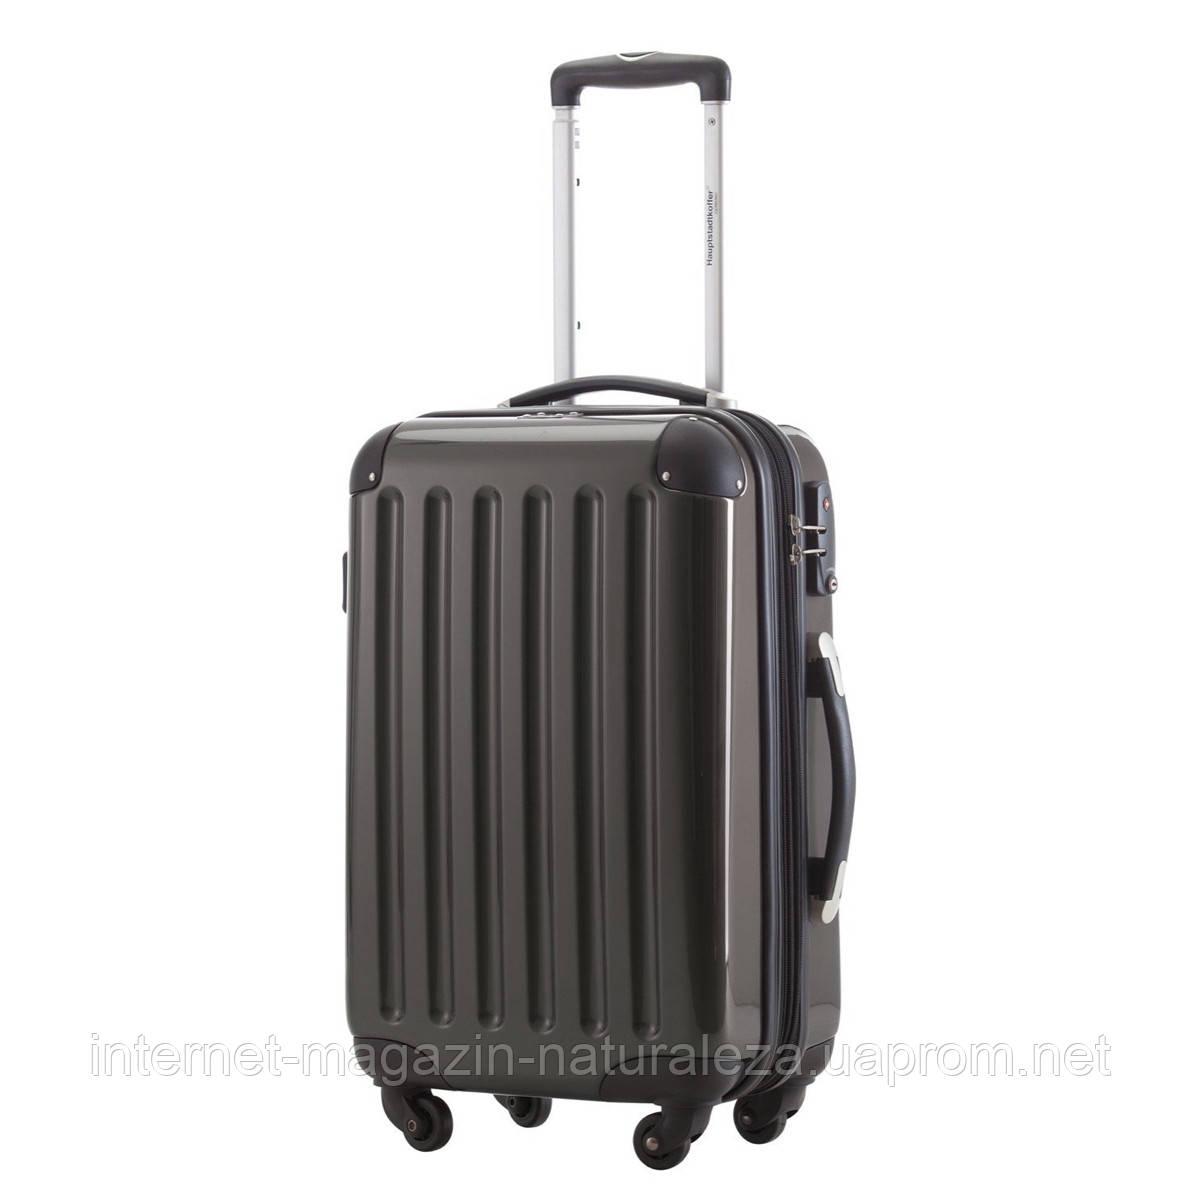 Дорожный чемодан Hauptstadtkoffer Alex Mini графитовый